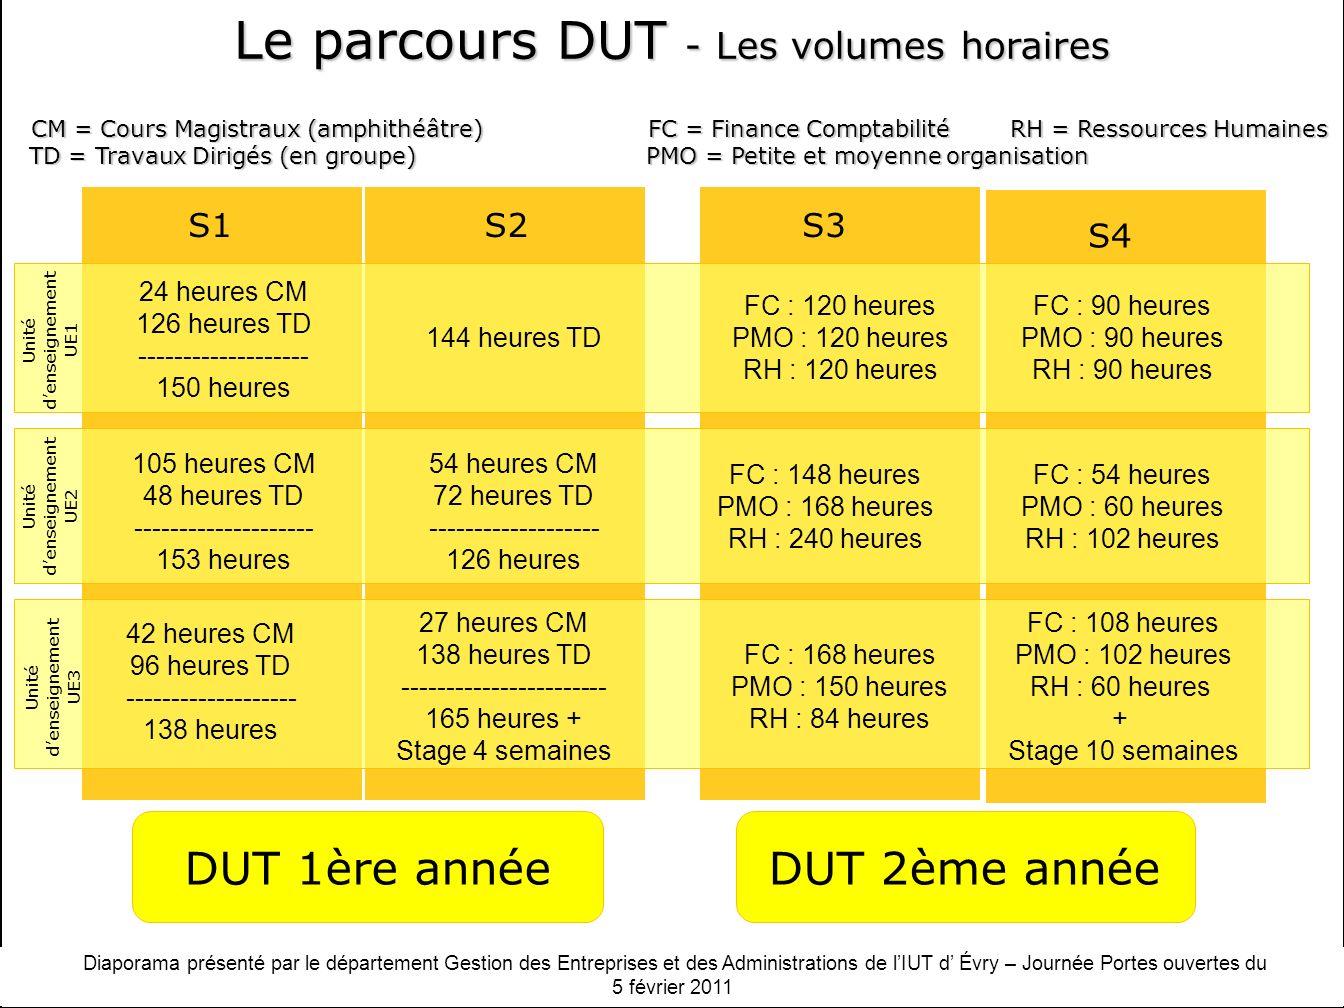 Le parcours DUT - Les volumes horaires